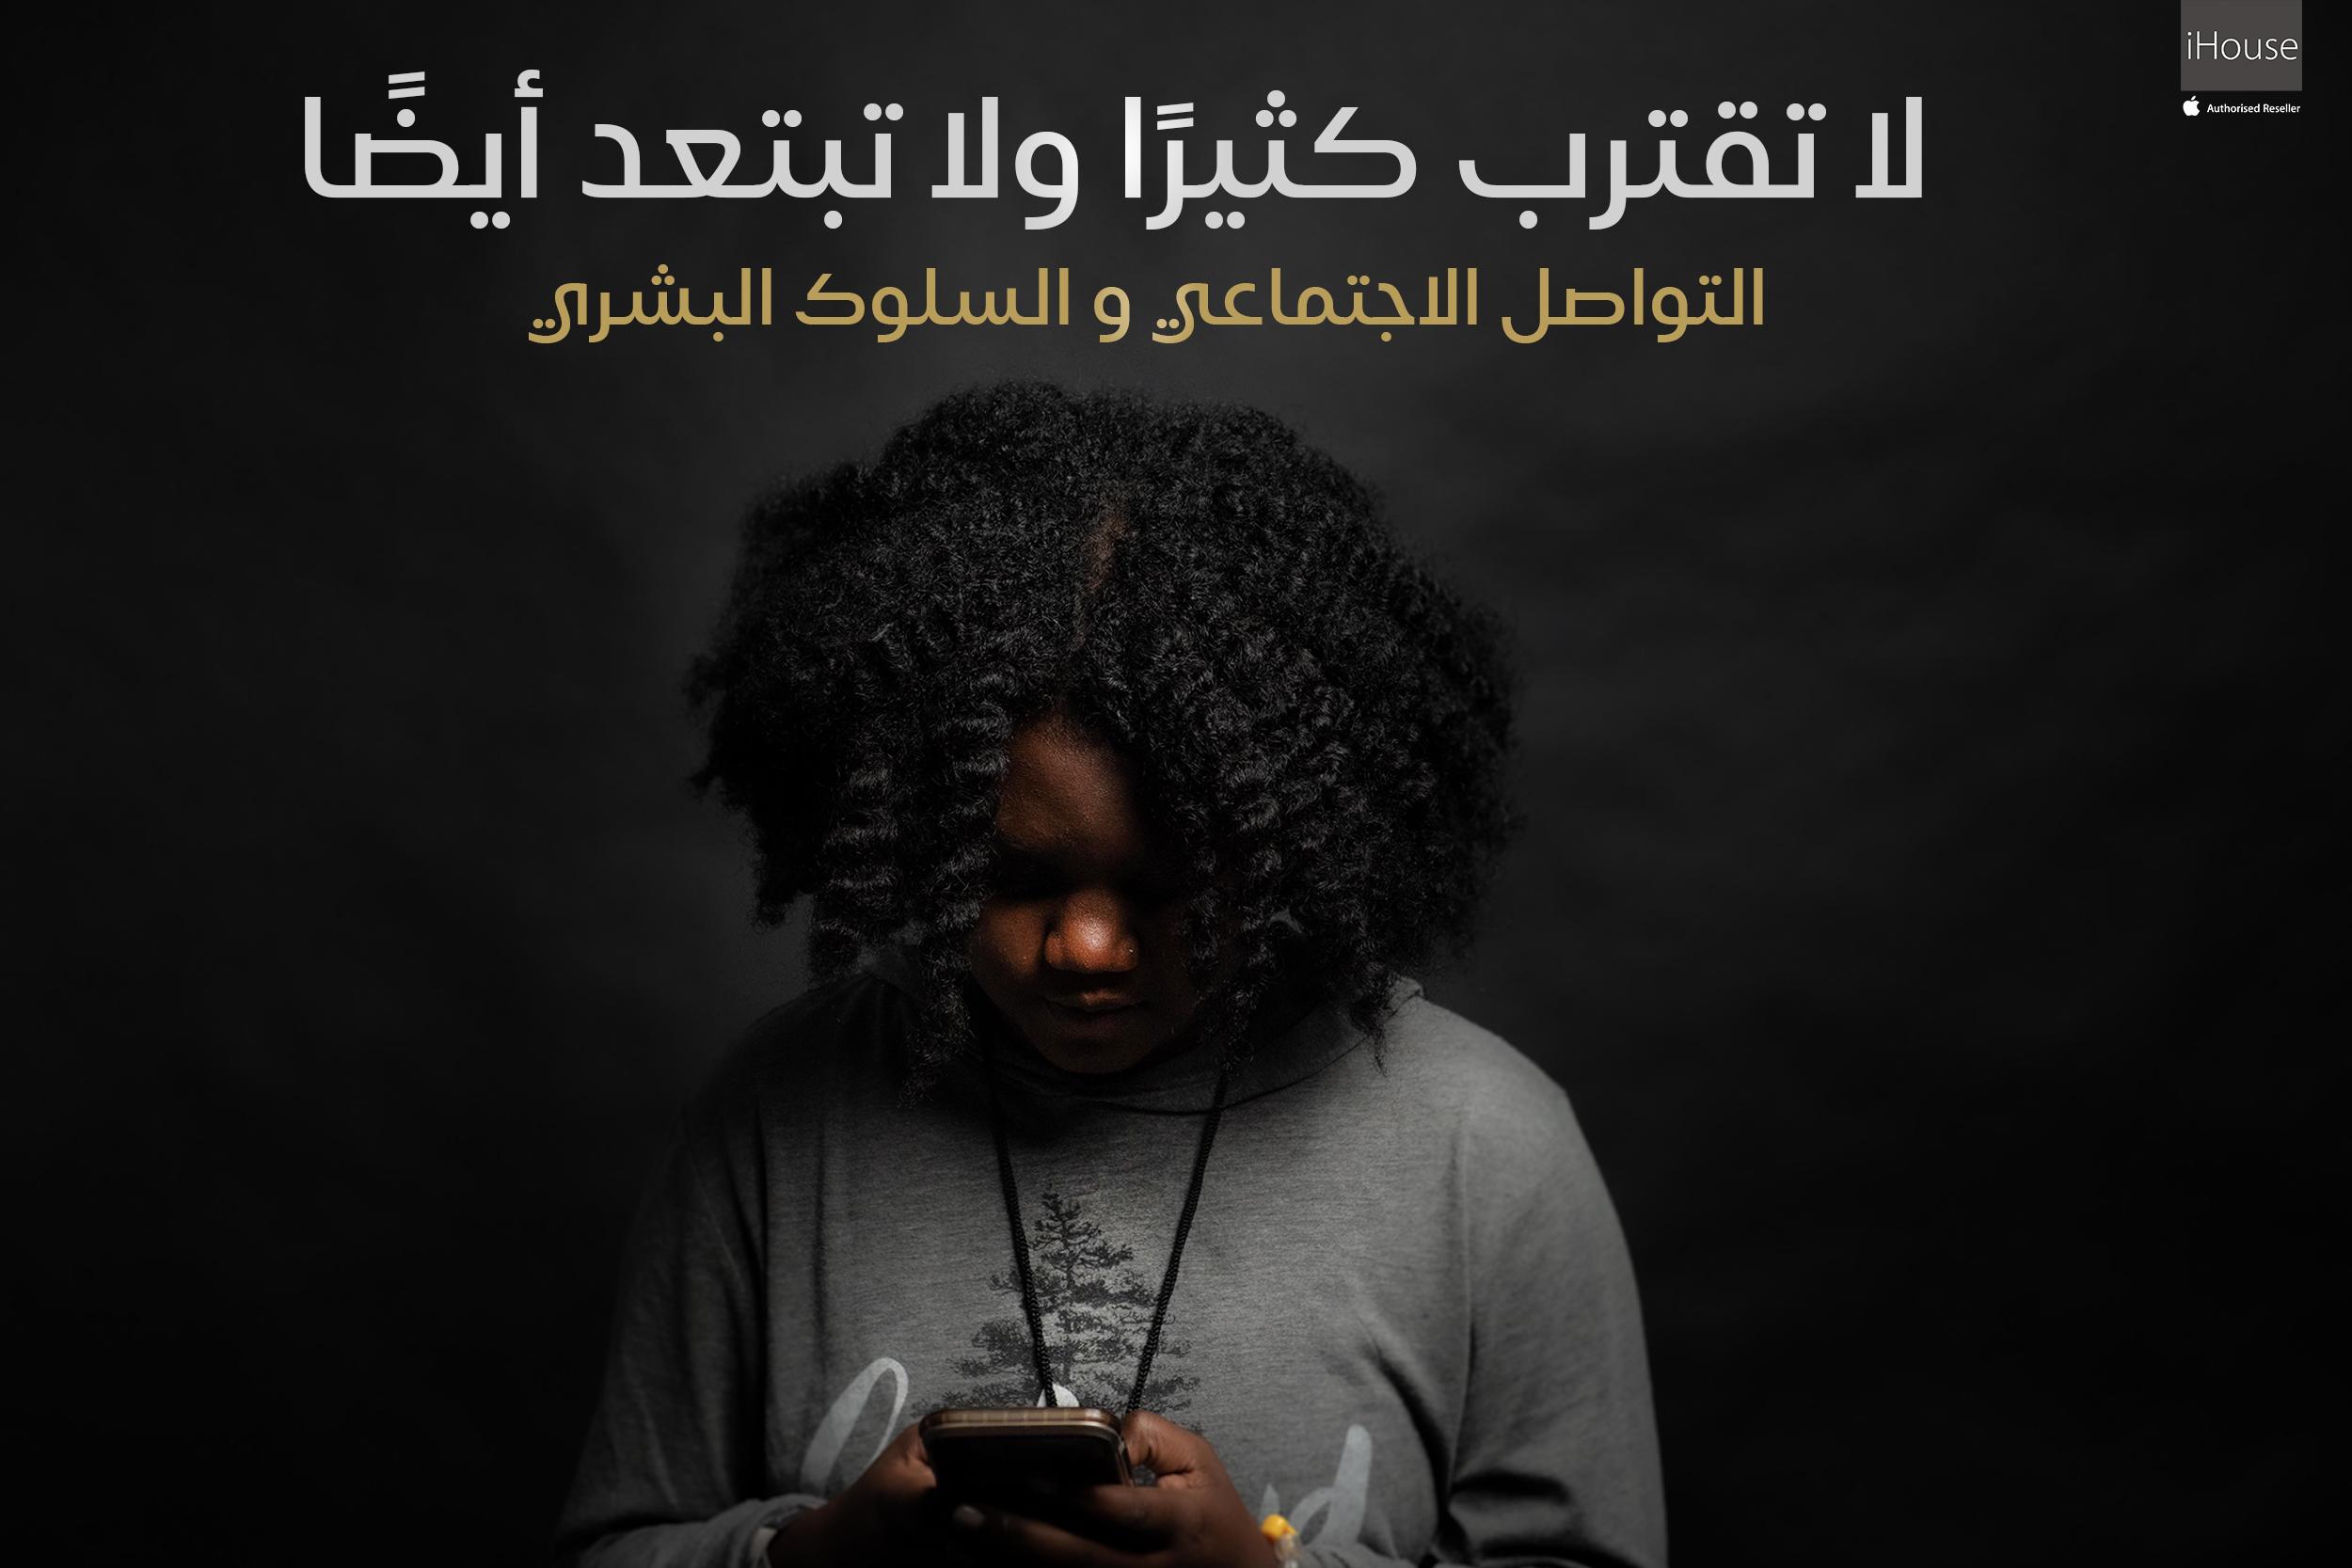 لا تقترب كثيرًا ولا تبتعد أيضًا… كيف تؤثر منصّات التواصل الاجتماعي على السلوك البشري؟